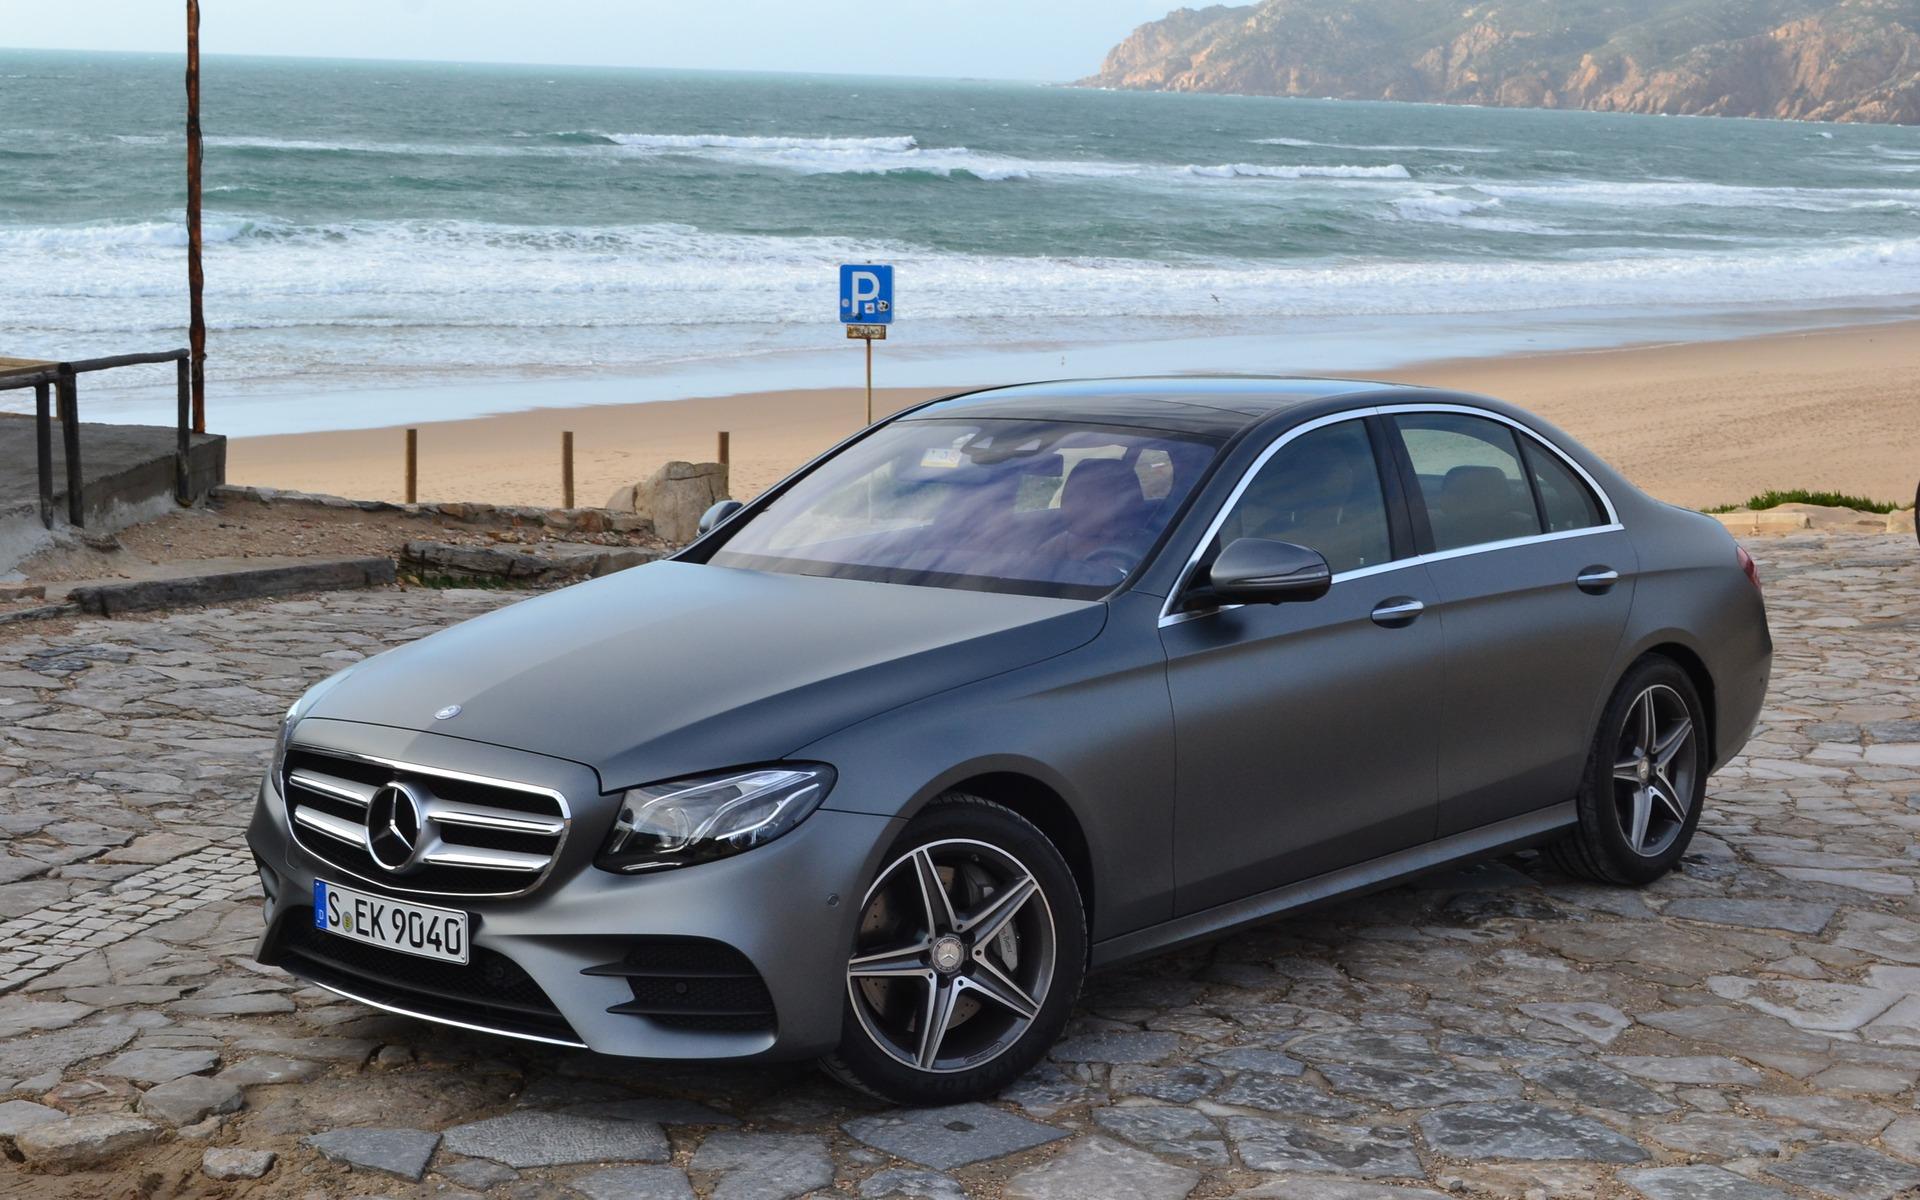 La Mercedes-Benz Classe E 2017 arrive en modèle de dixième  génération